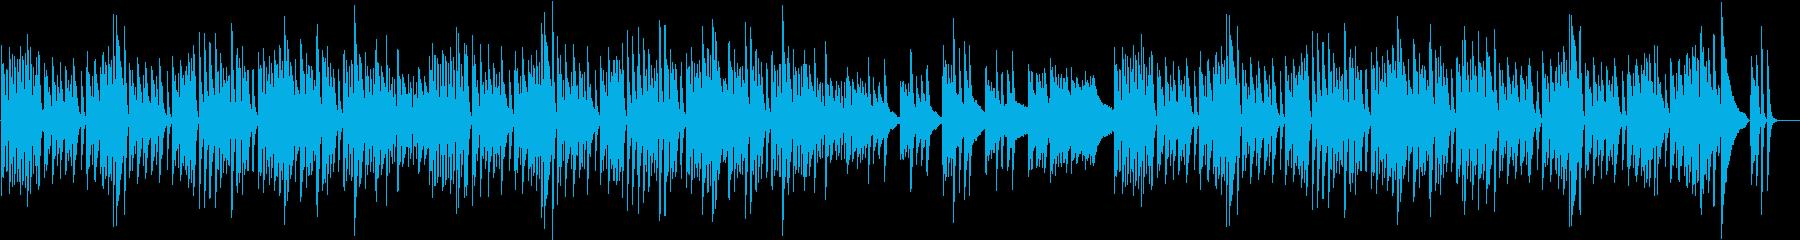 クッキング動画に♪ぽかぽかピアノBGMの再生済みの波形